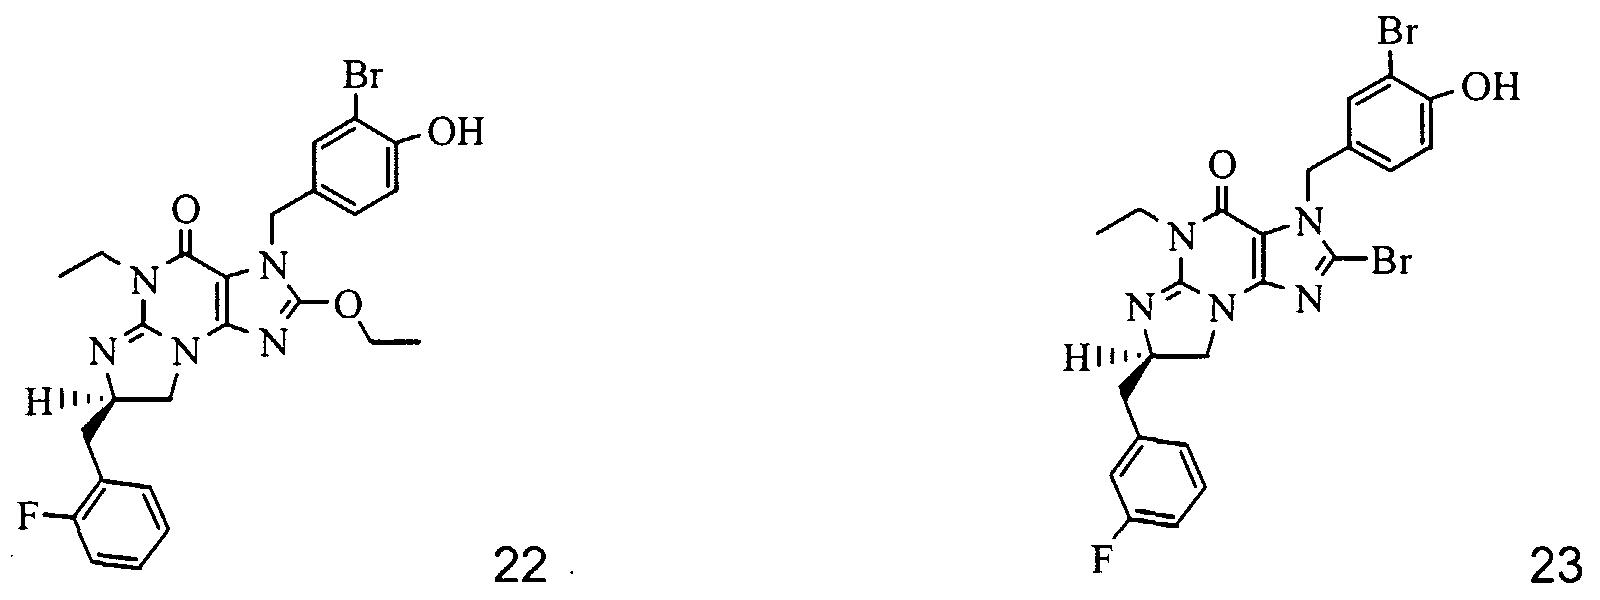 Figure imgf000069_0003